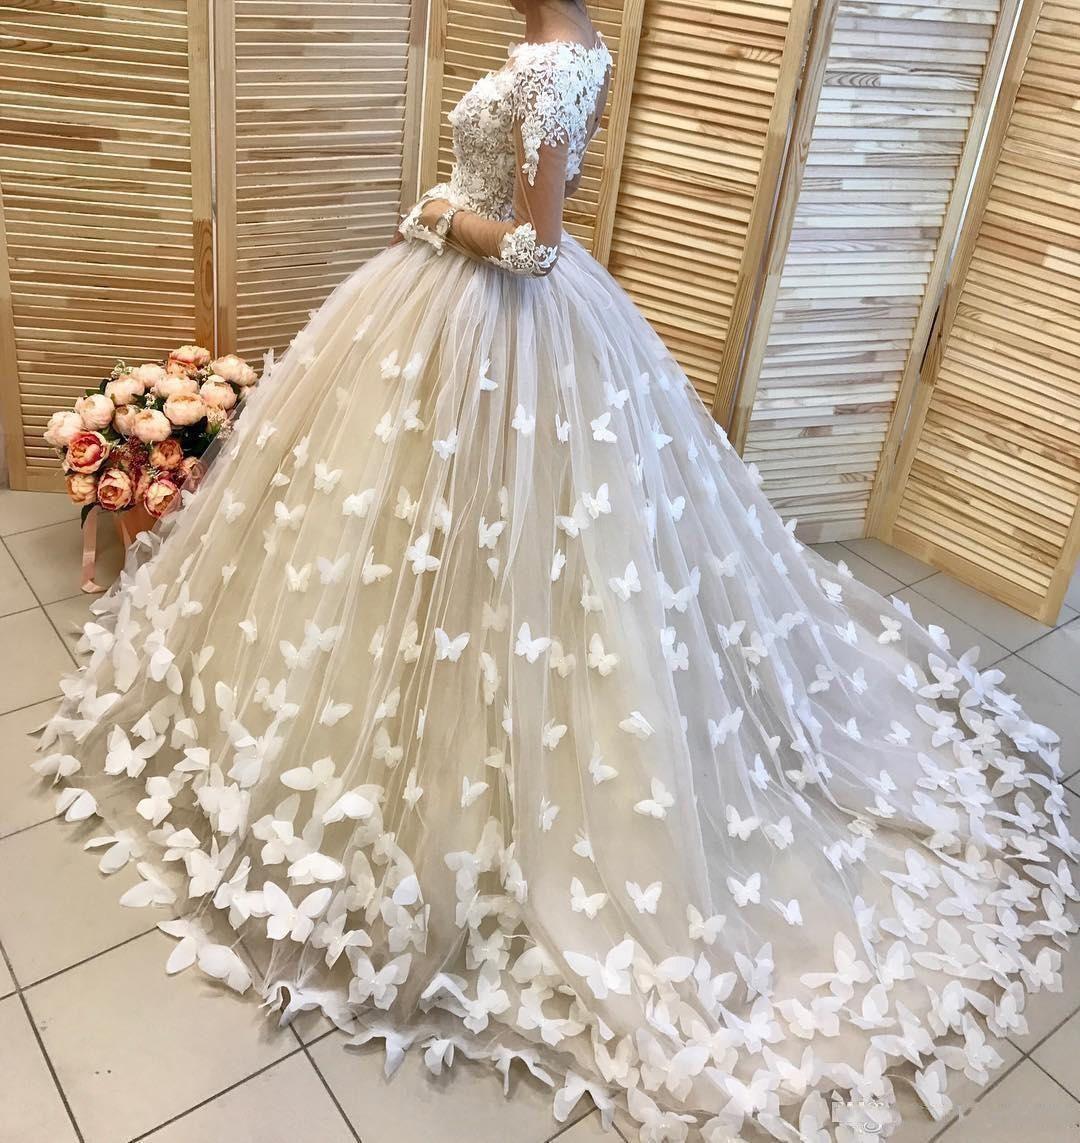 Großhandel Schmetterling Appliques Ballkleid Brautkleider Mit Illusion  Langen Ärmeln Brautkleider Spitze Handgemachte Blumen Brautkleid Vestidos  Von